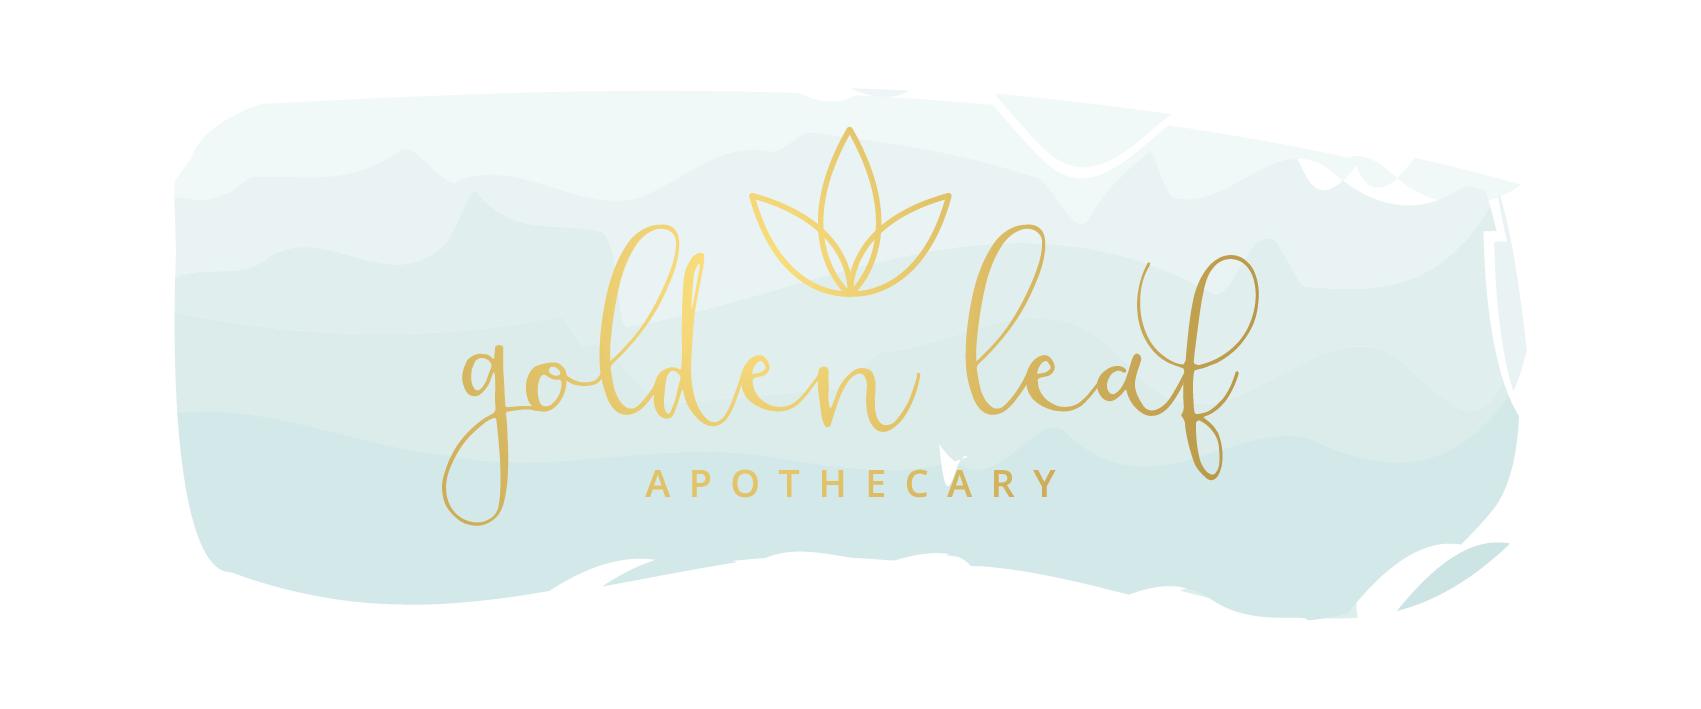 Design boutique/upscale logo for bath bomb/body-care company